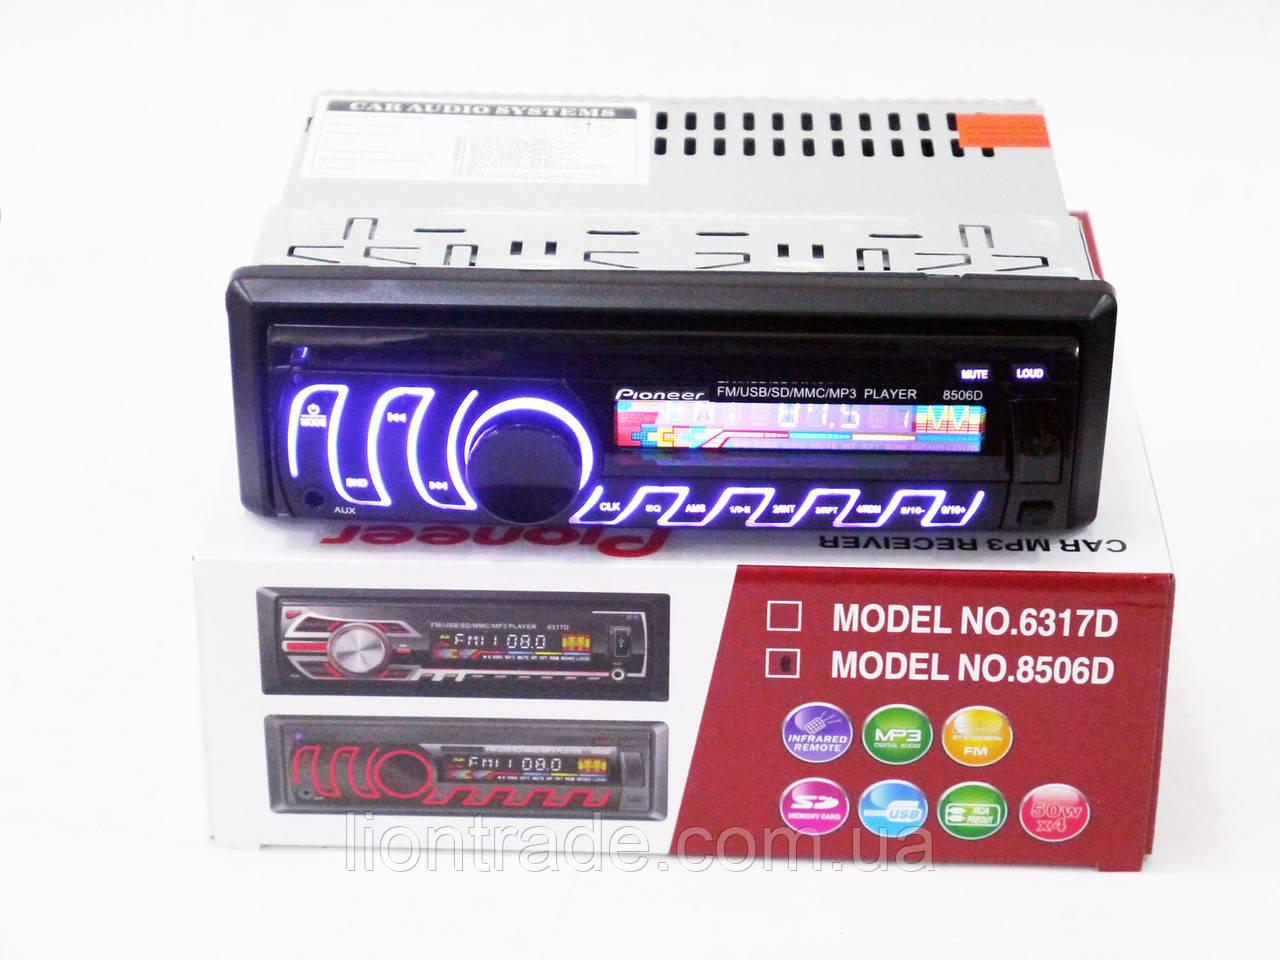 Автомагнітола Pioneer 8506D Usb+підсвітка RGB+Fm+Aux+ЗНІМНА ПАНЕЛЬ